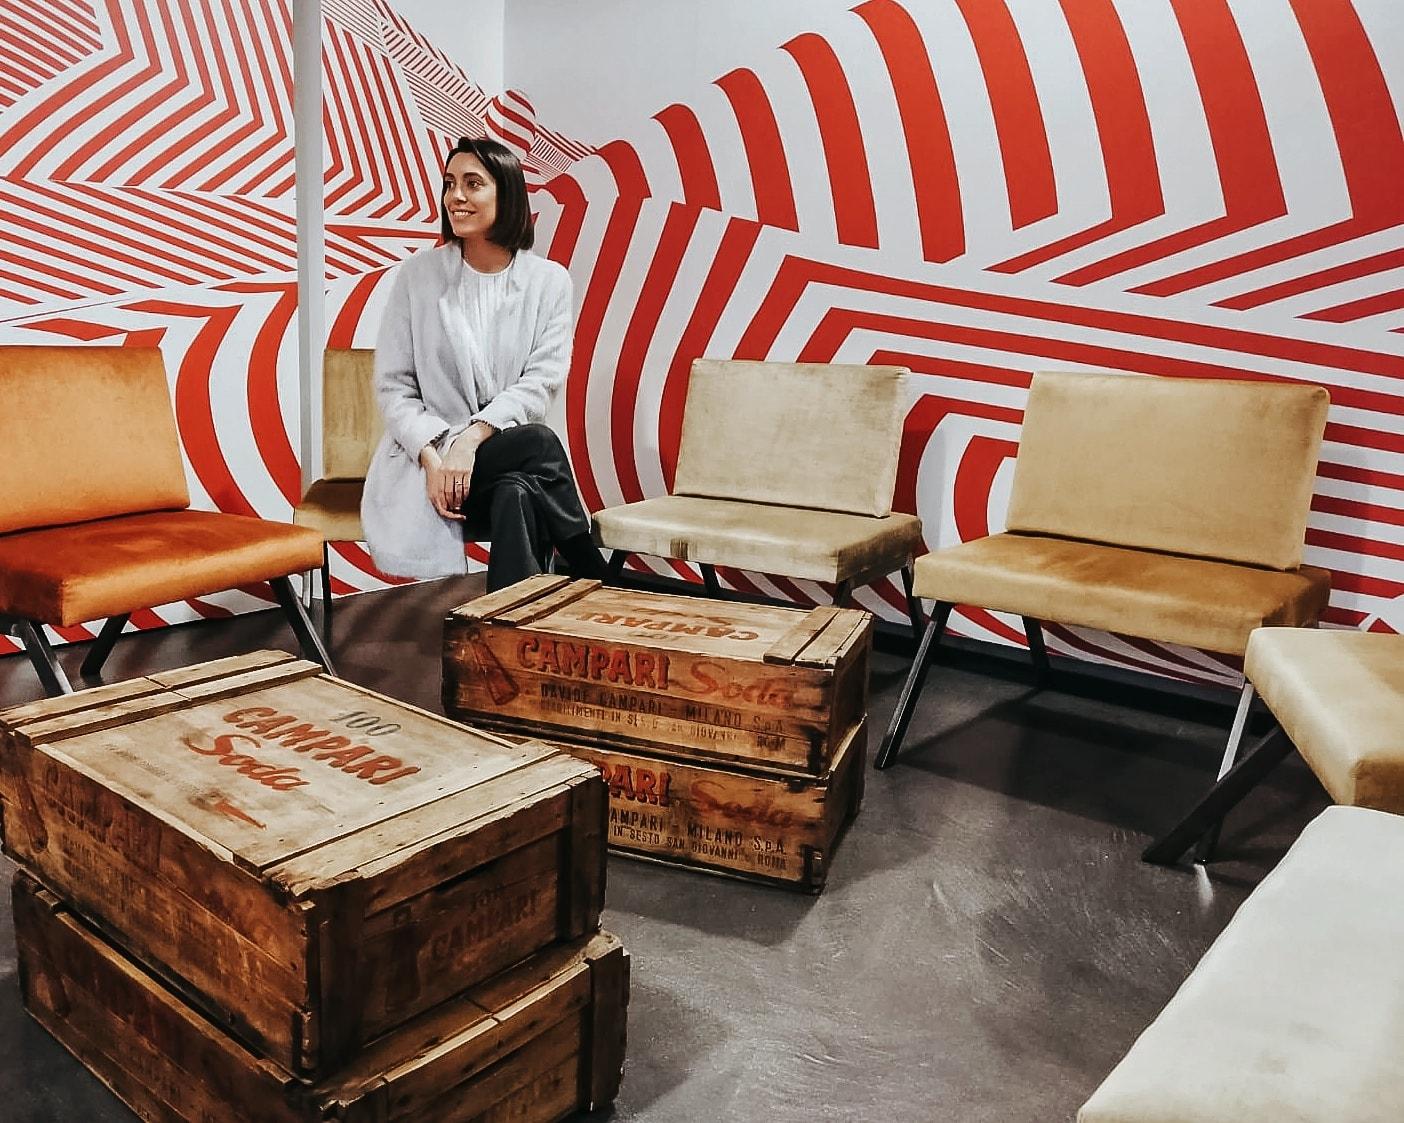 Storie di Moda Campari e lo Stile Lisa Campolunghi